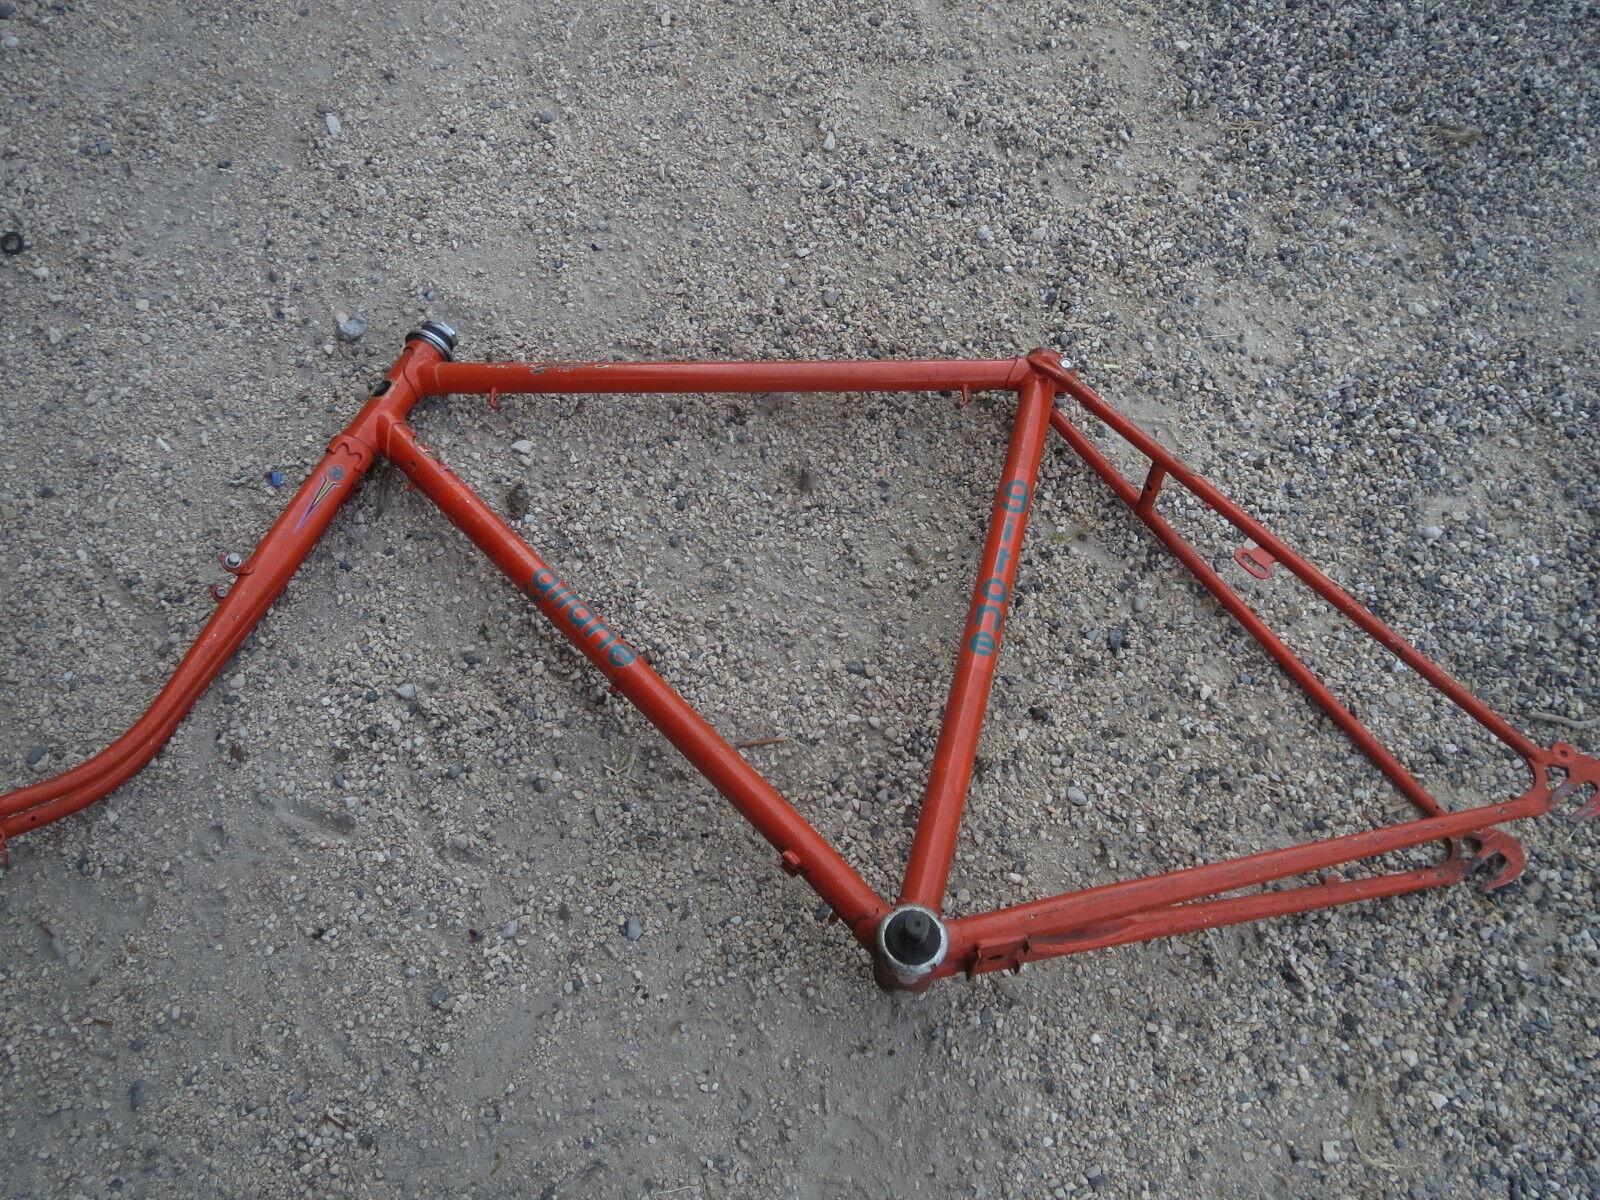 Ancien cadre de vélo acier vintage Naranja Gitane 80s french antique bike frame